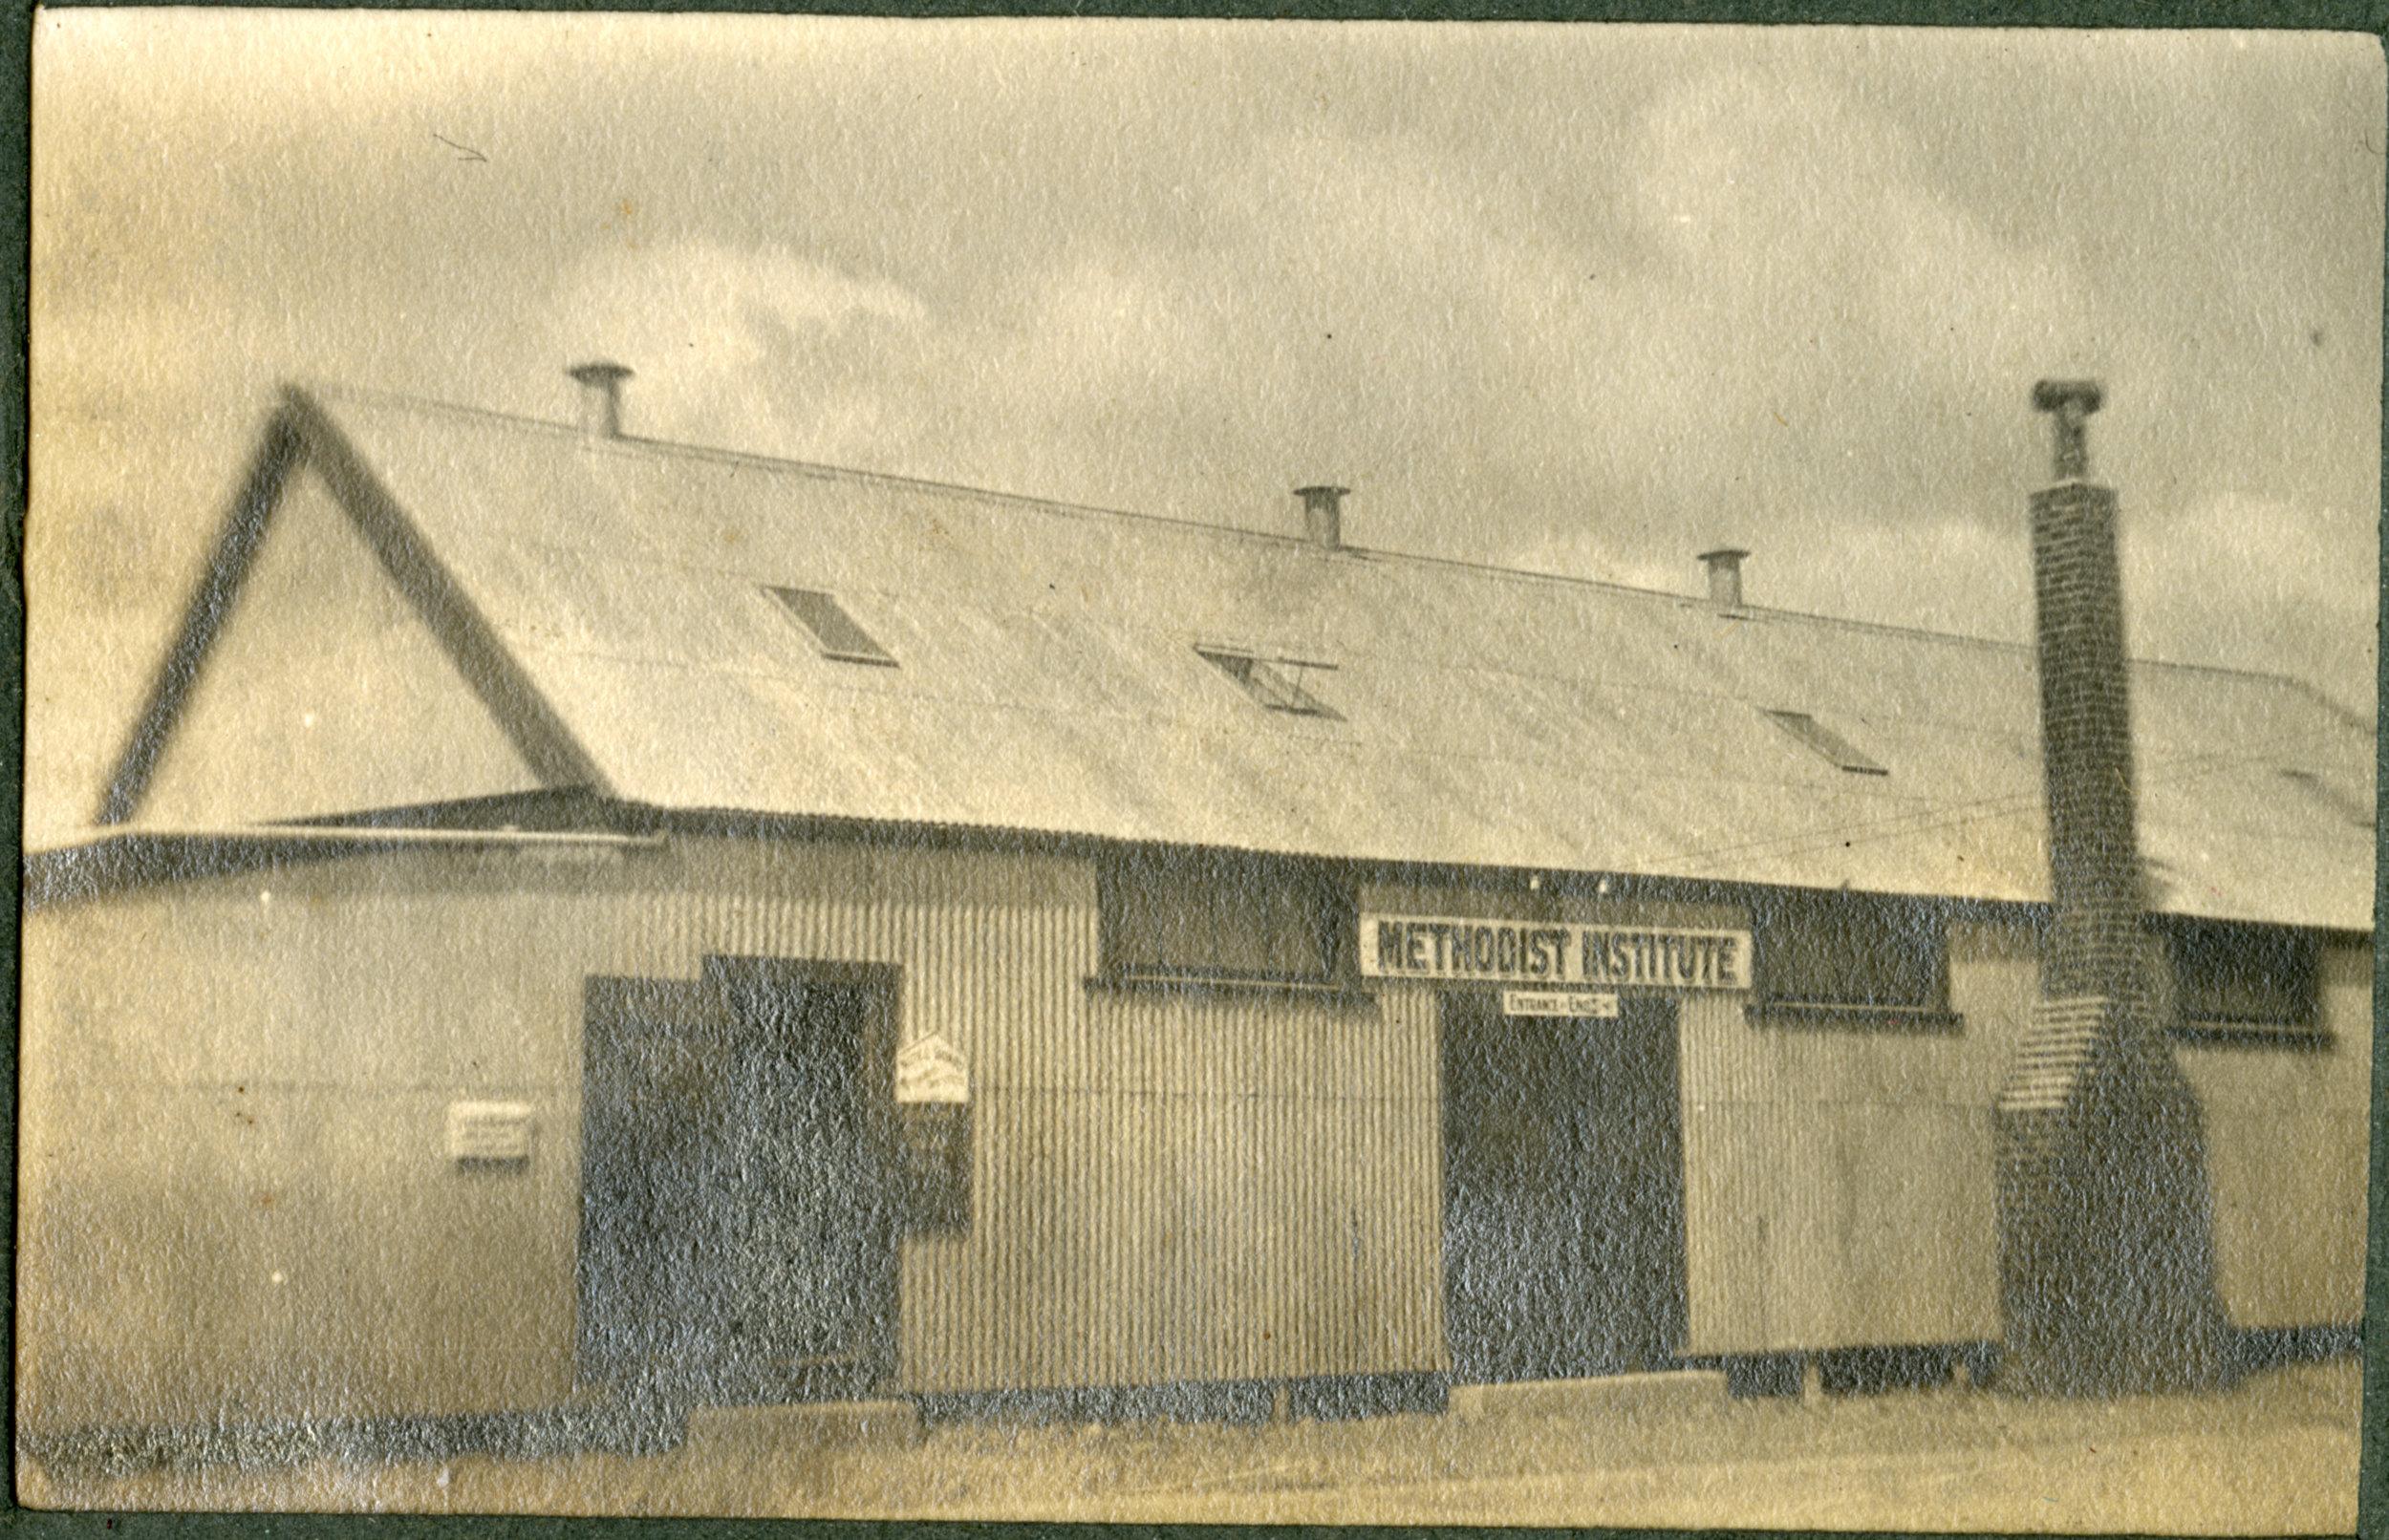 """""""Methodist Institute"""""""